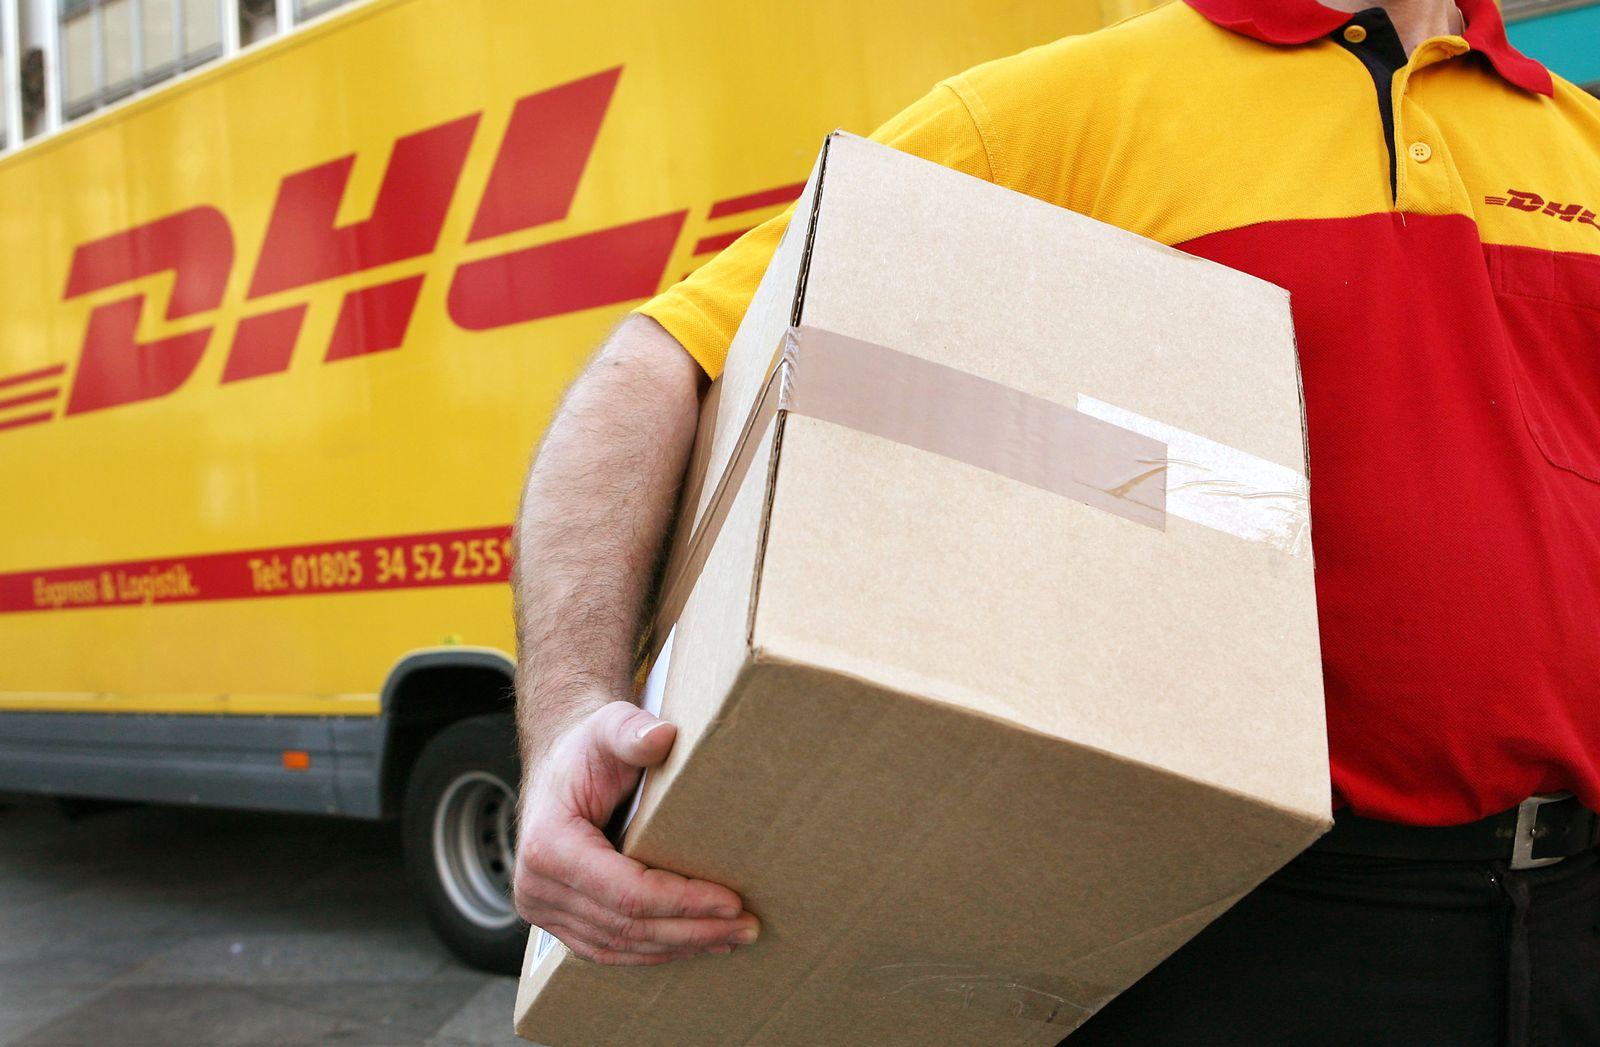 DHL Paketlieferung